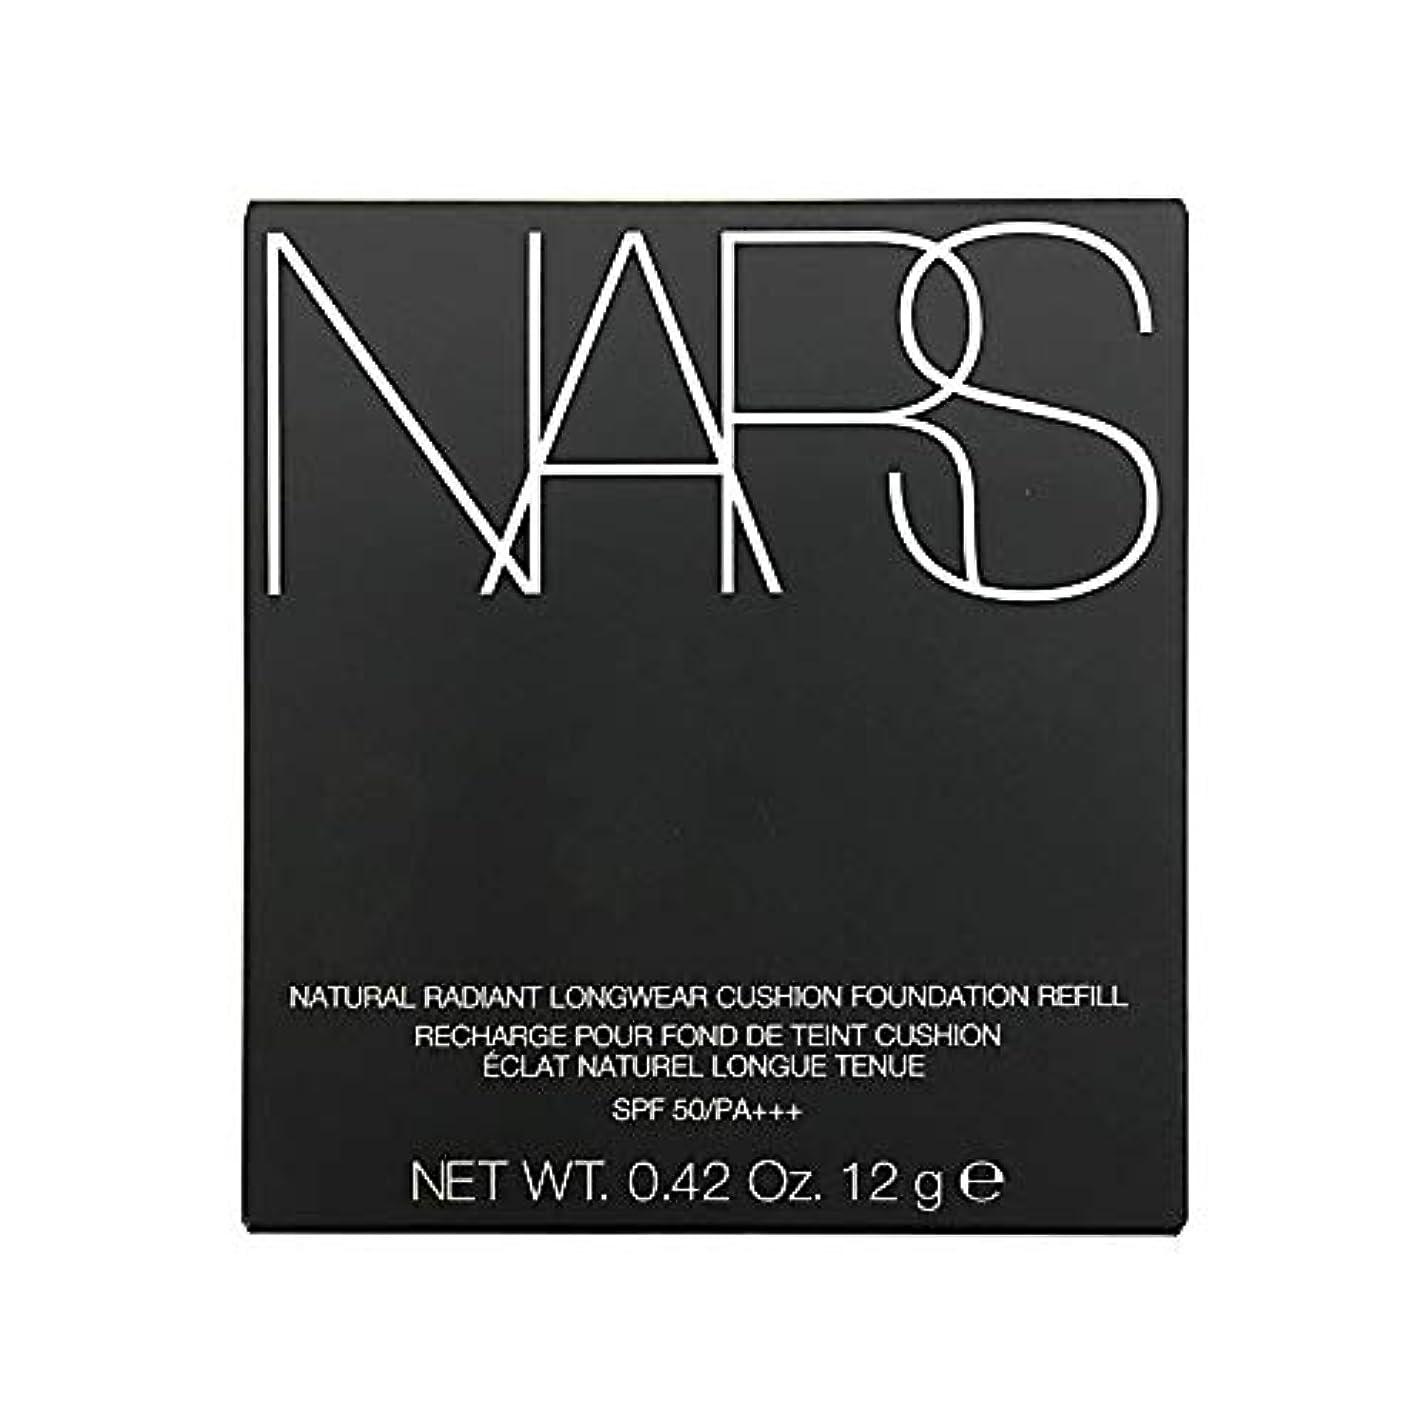 周り成果贈り物ナーズ/NARS ナチュラルラディアント ロングウェア クッションファンデーション(レフィル)#5877 [ クッションファンデ ] [並行輸入品]